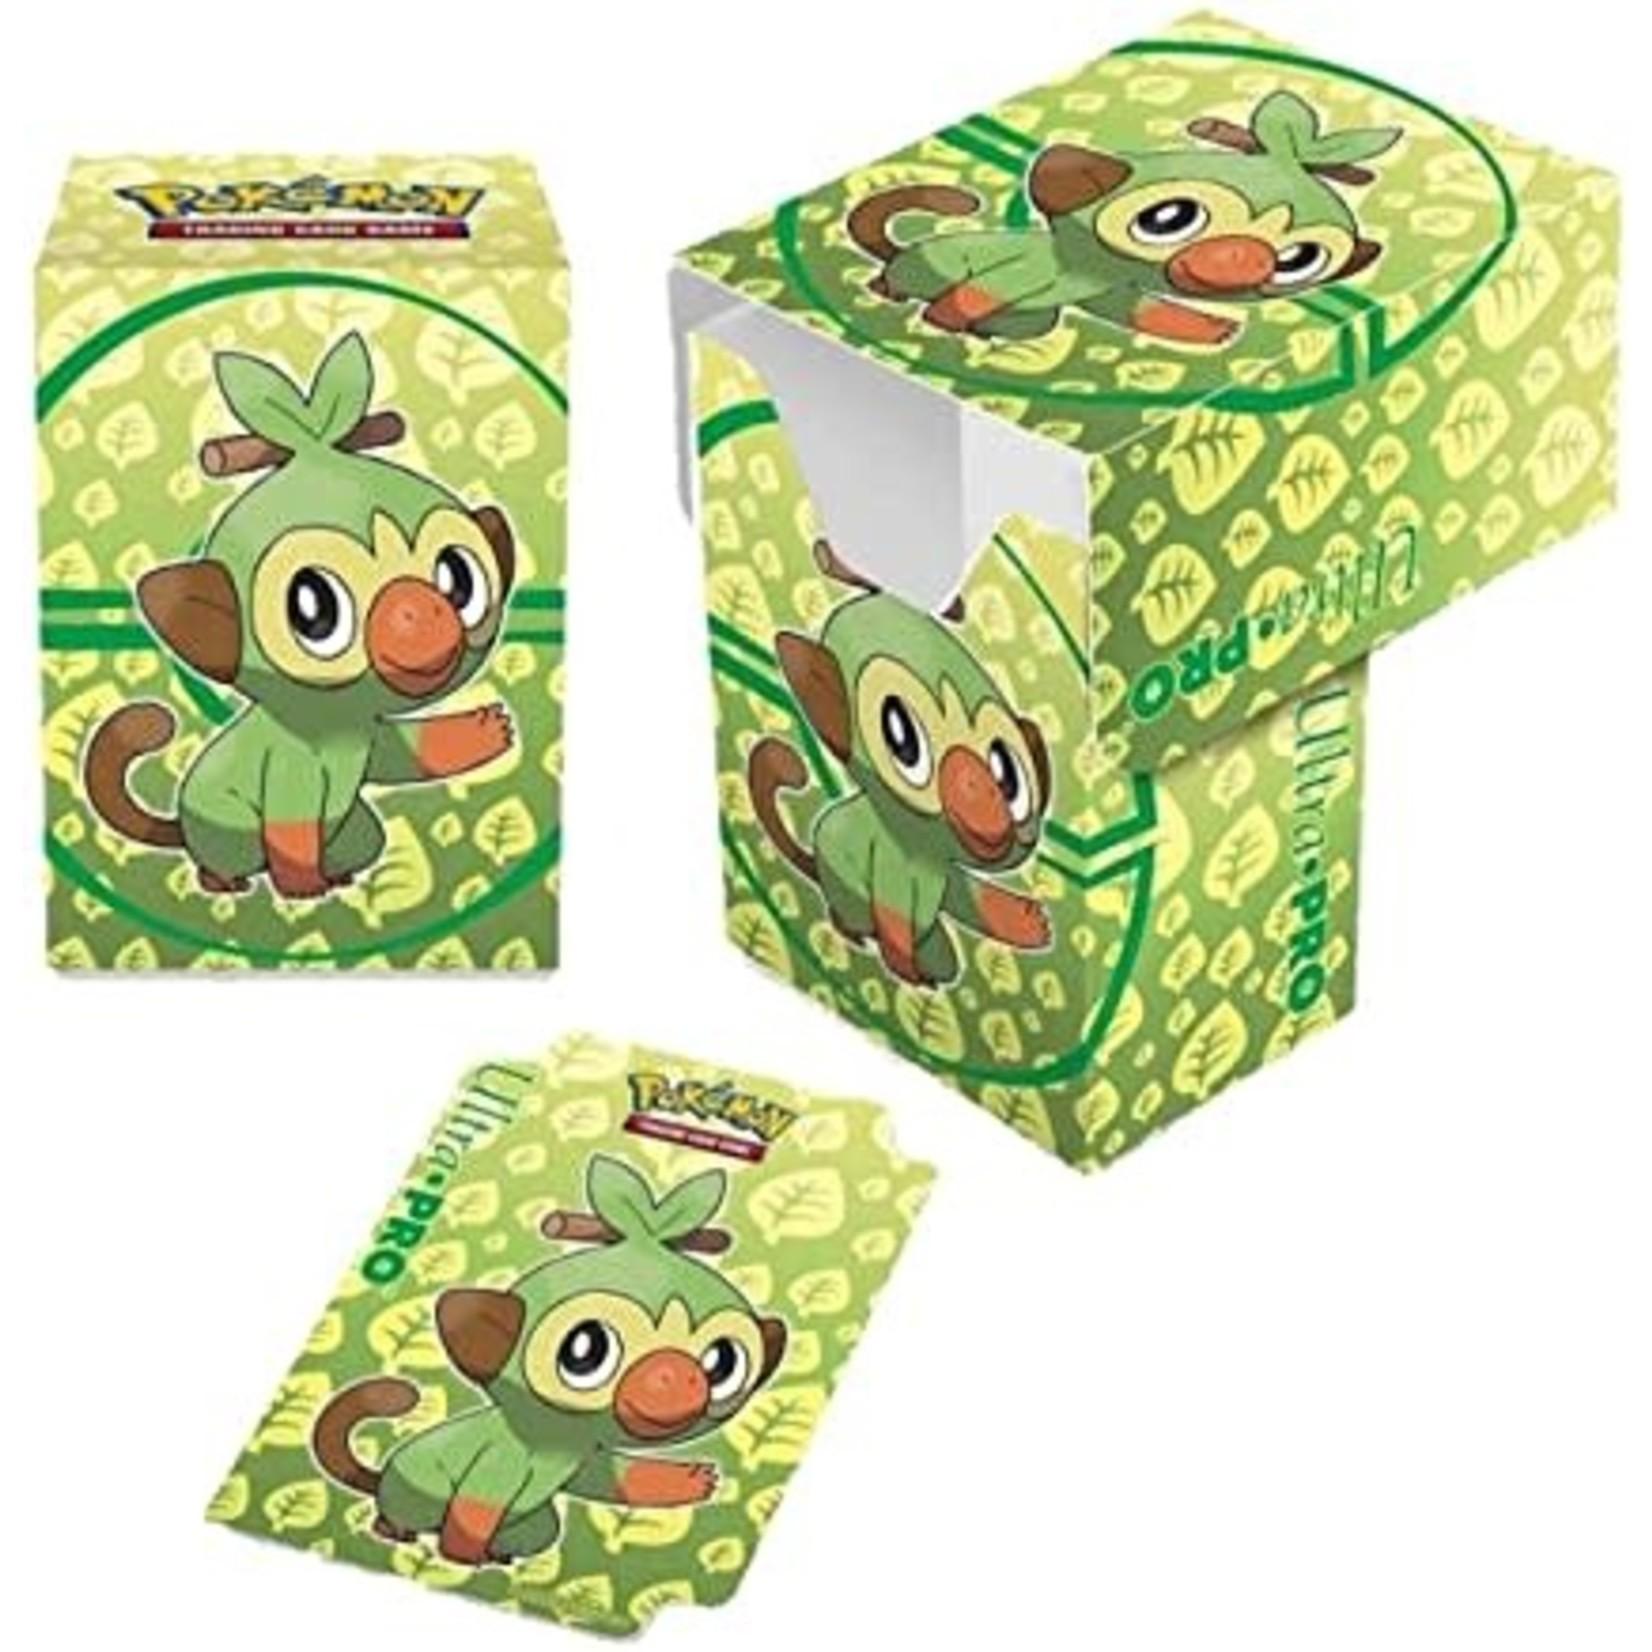 Pokemon Grookey Deck Box